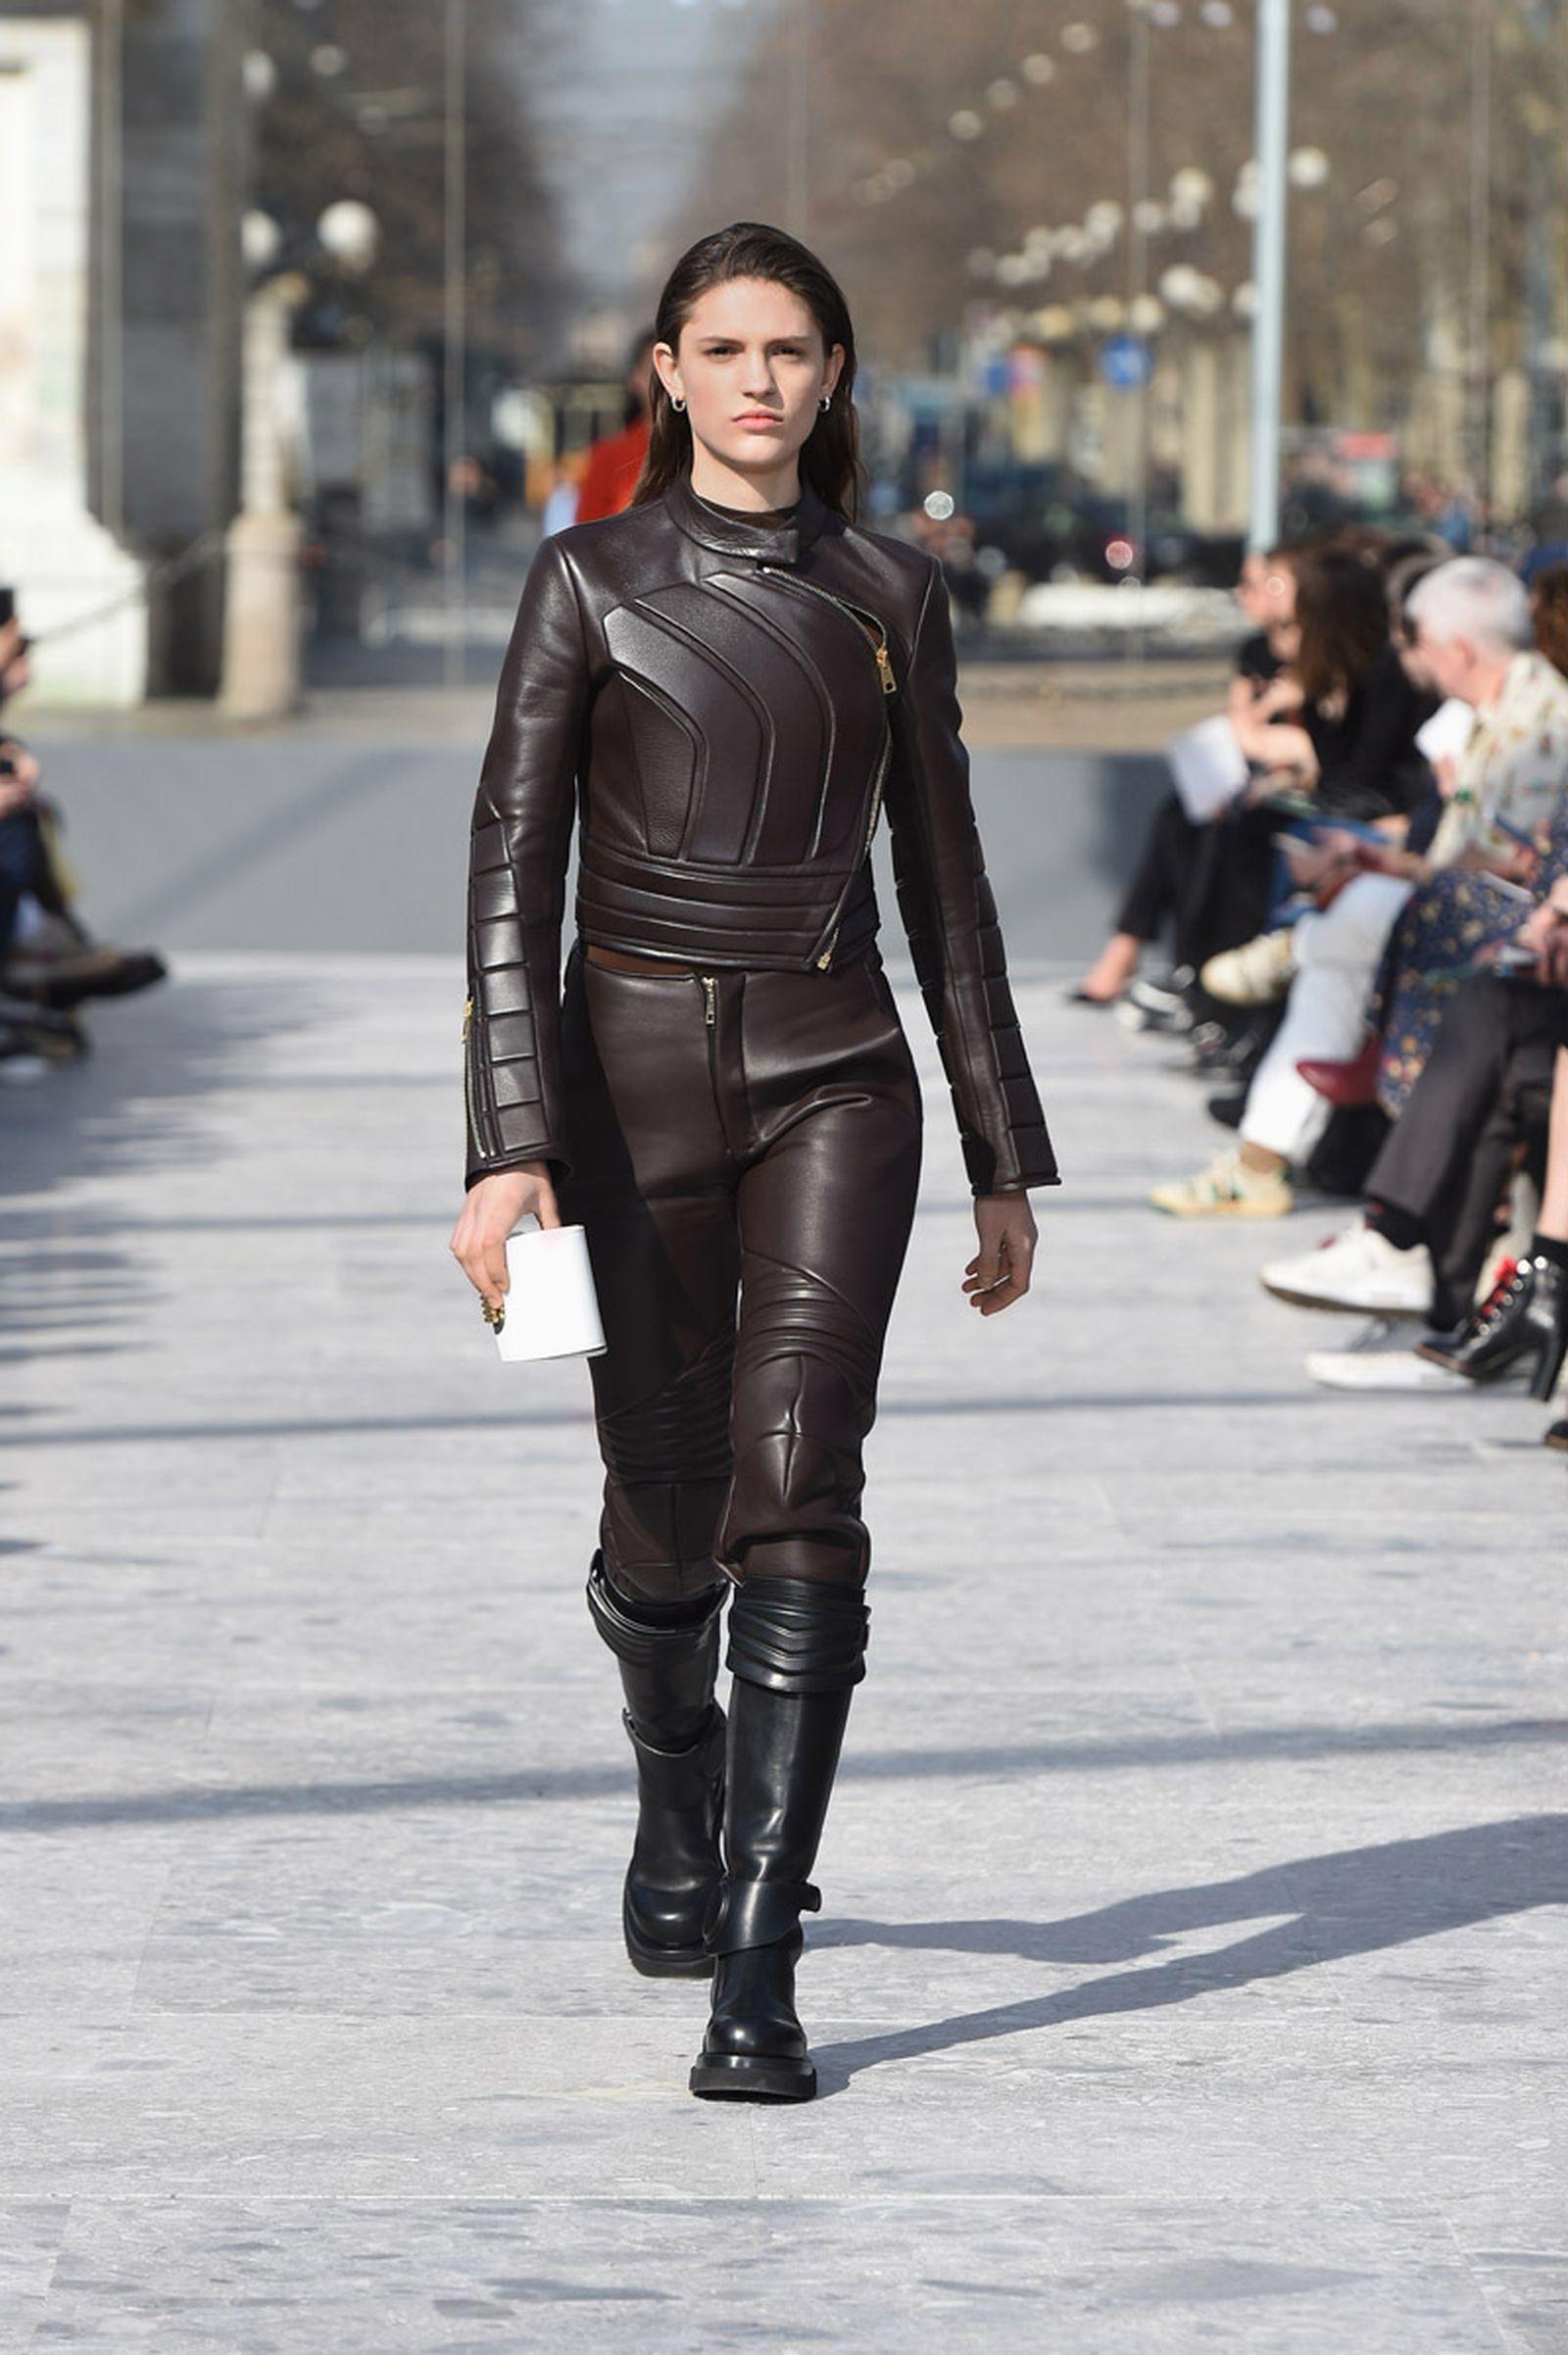 bottega-veneta-is-bringing-timeless-luxury-back-to-fashion-01